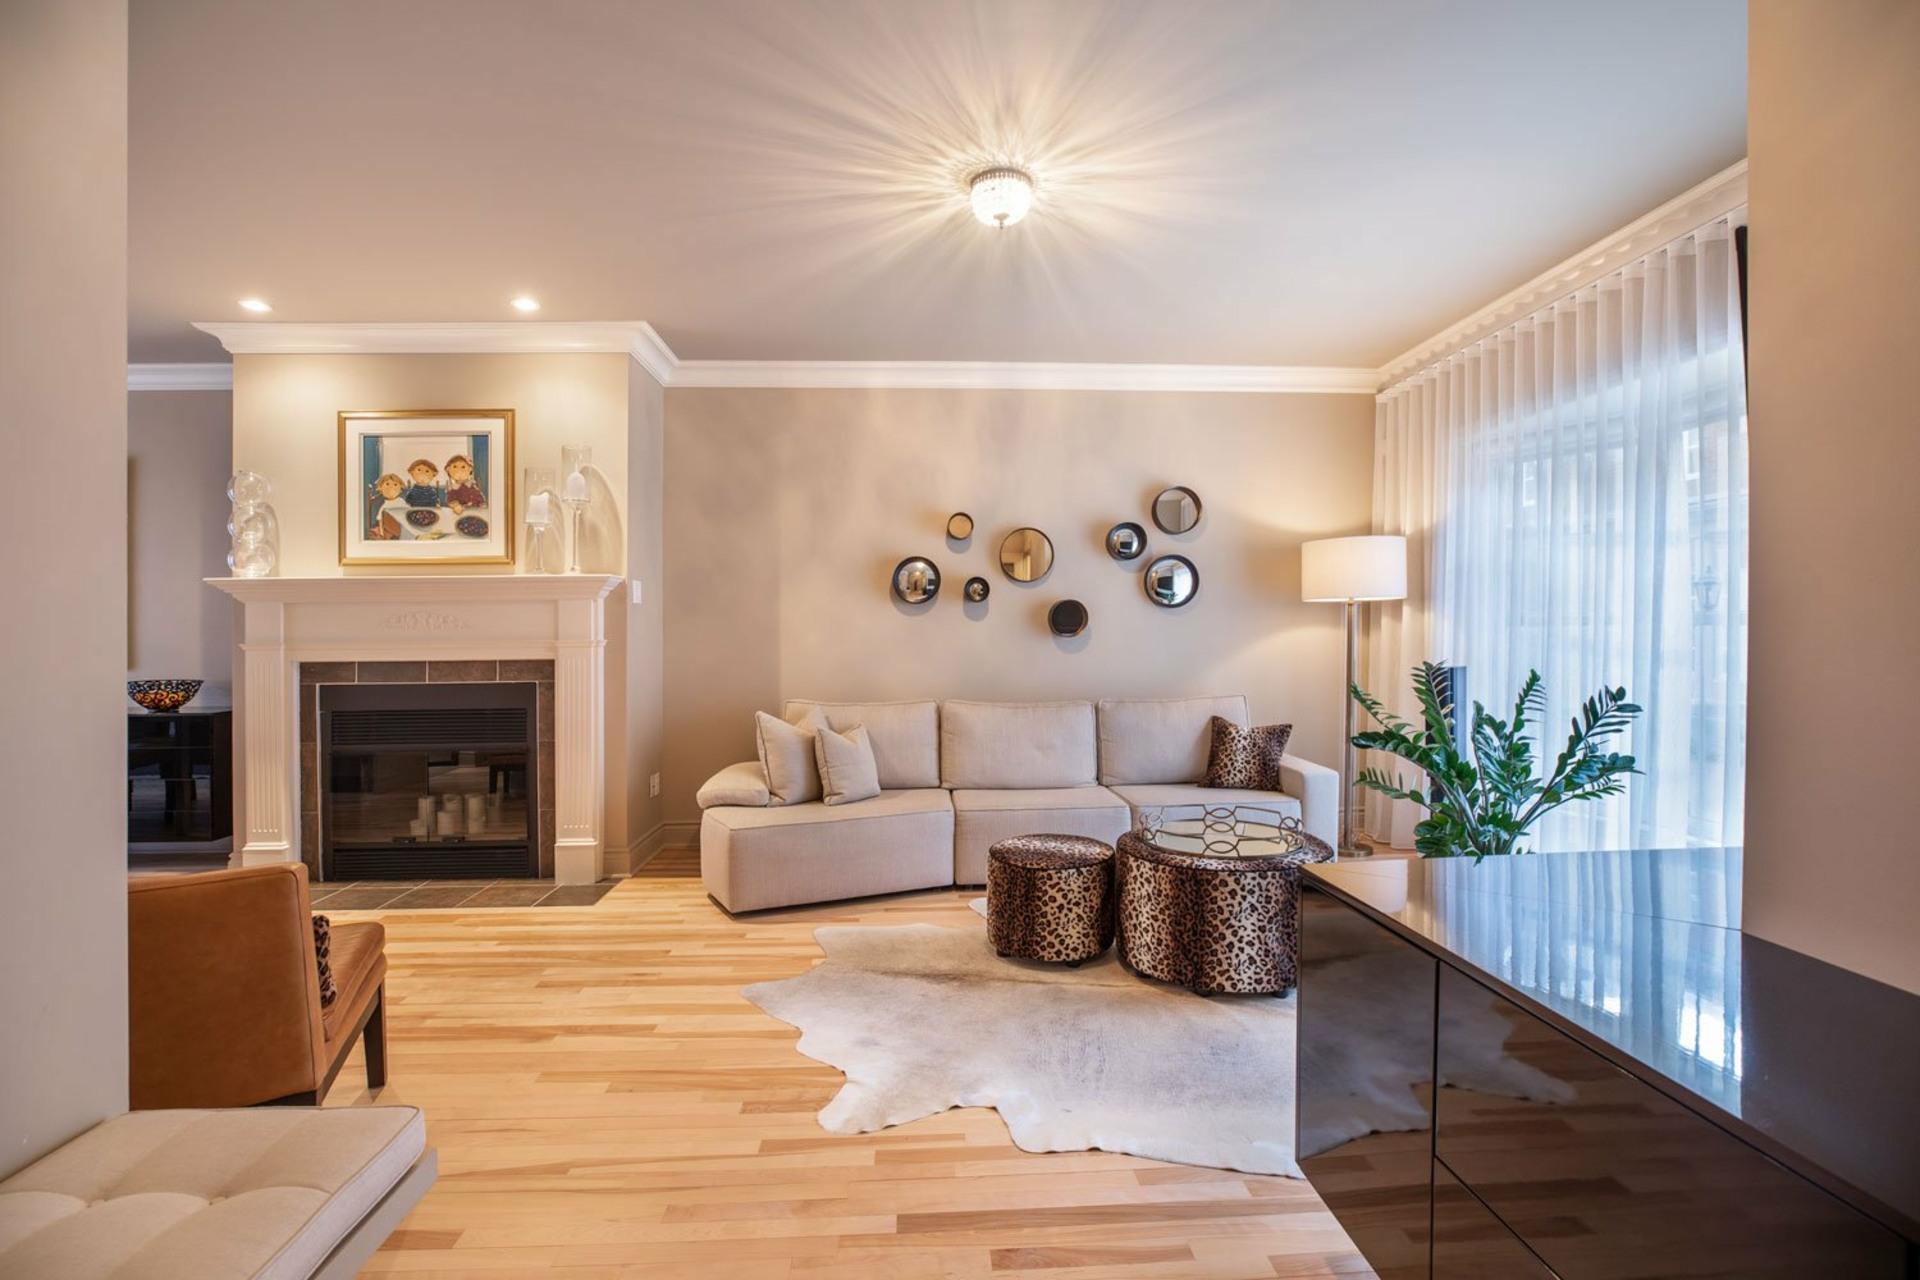 image 2 - Maison À vendre Ahuntsic-Cartierville Montréal  - 8 pièces